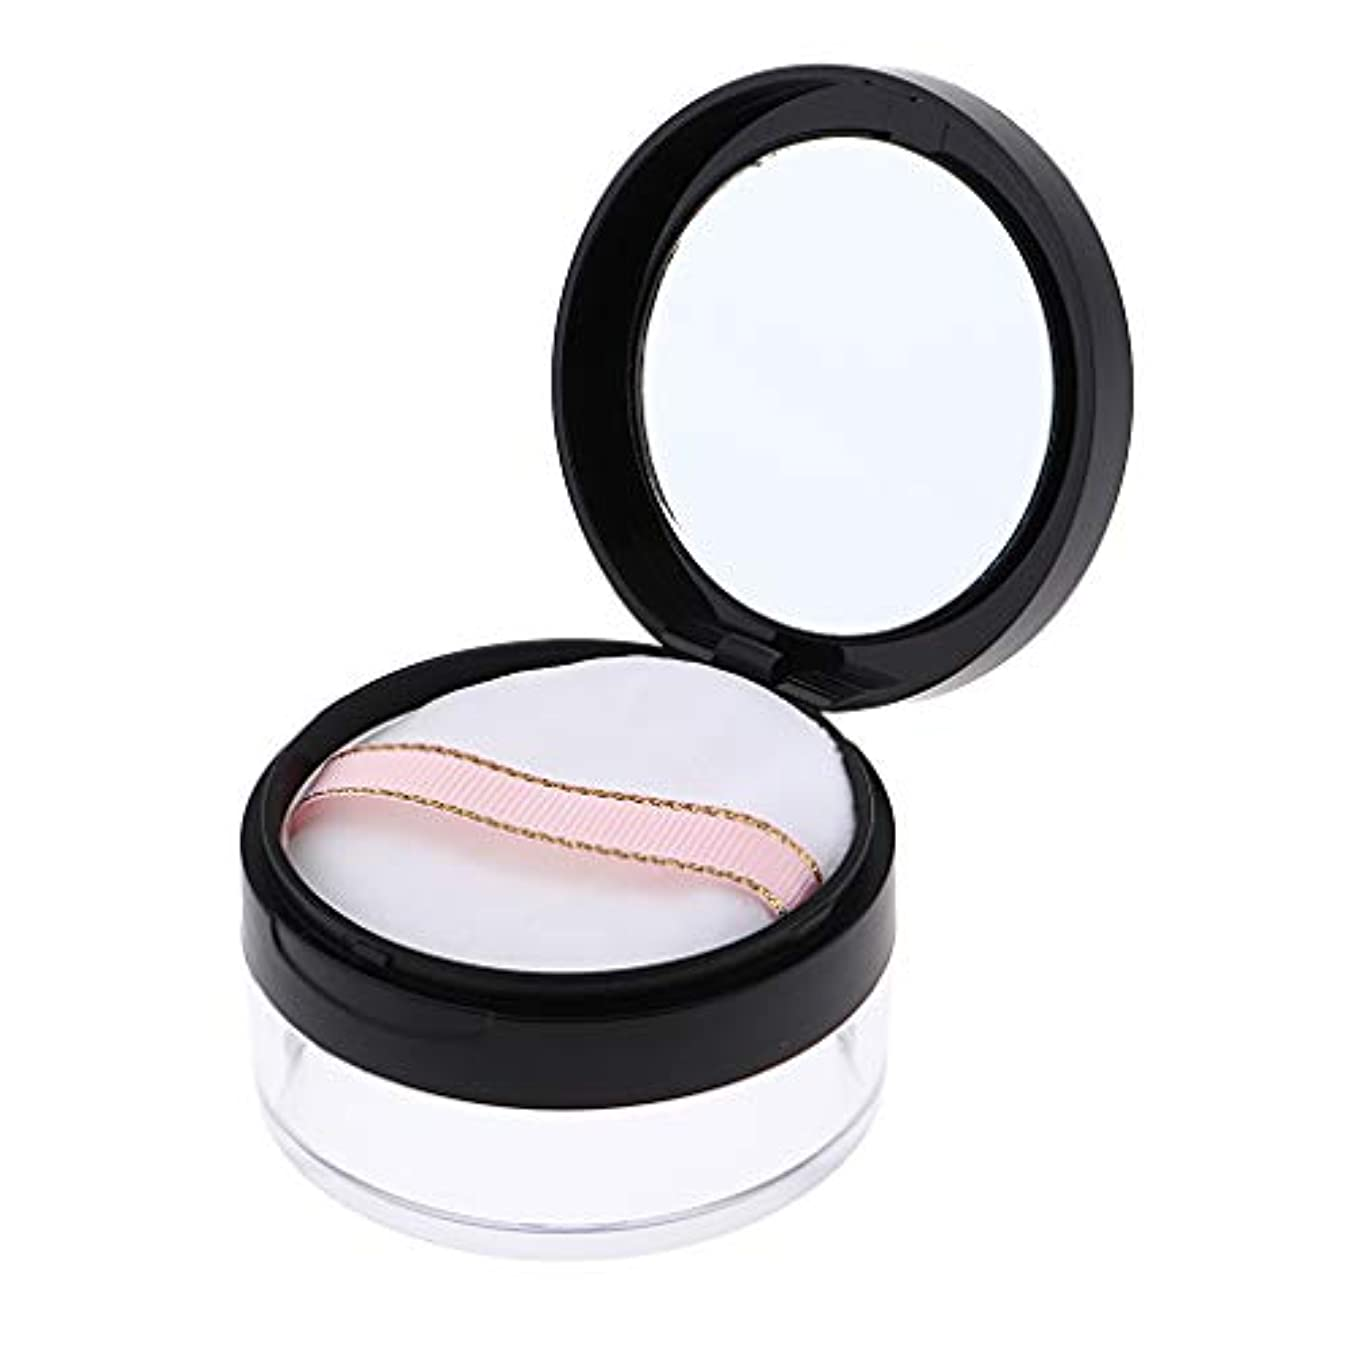 音声学とんでもない保証パウダーケース 化粧品 ジャー 鏡 パフ 2色選べ - ブラック